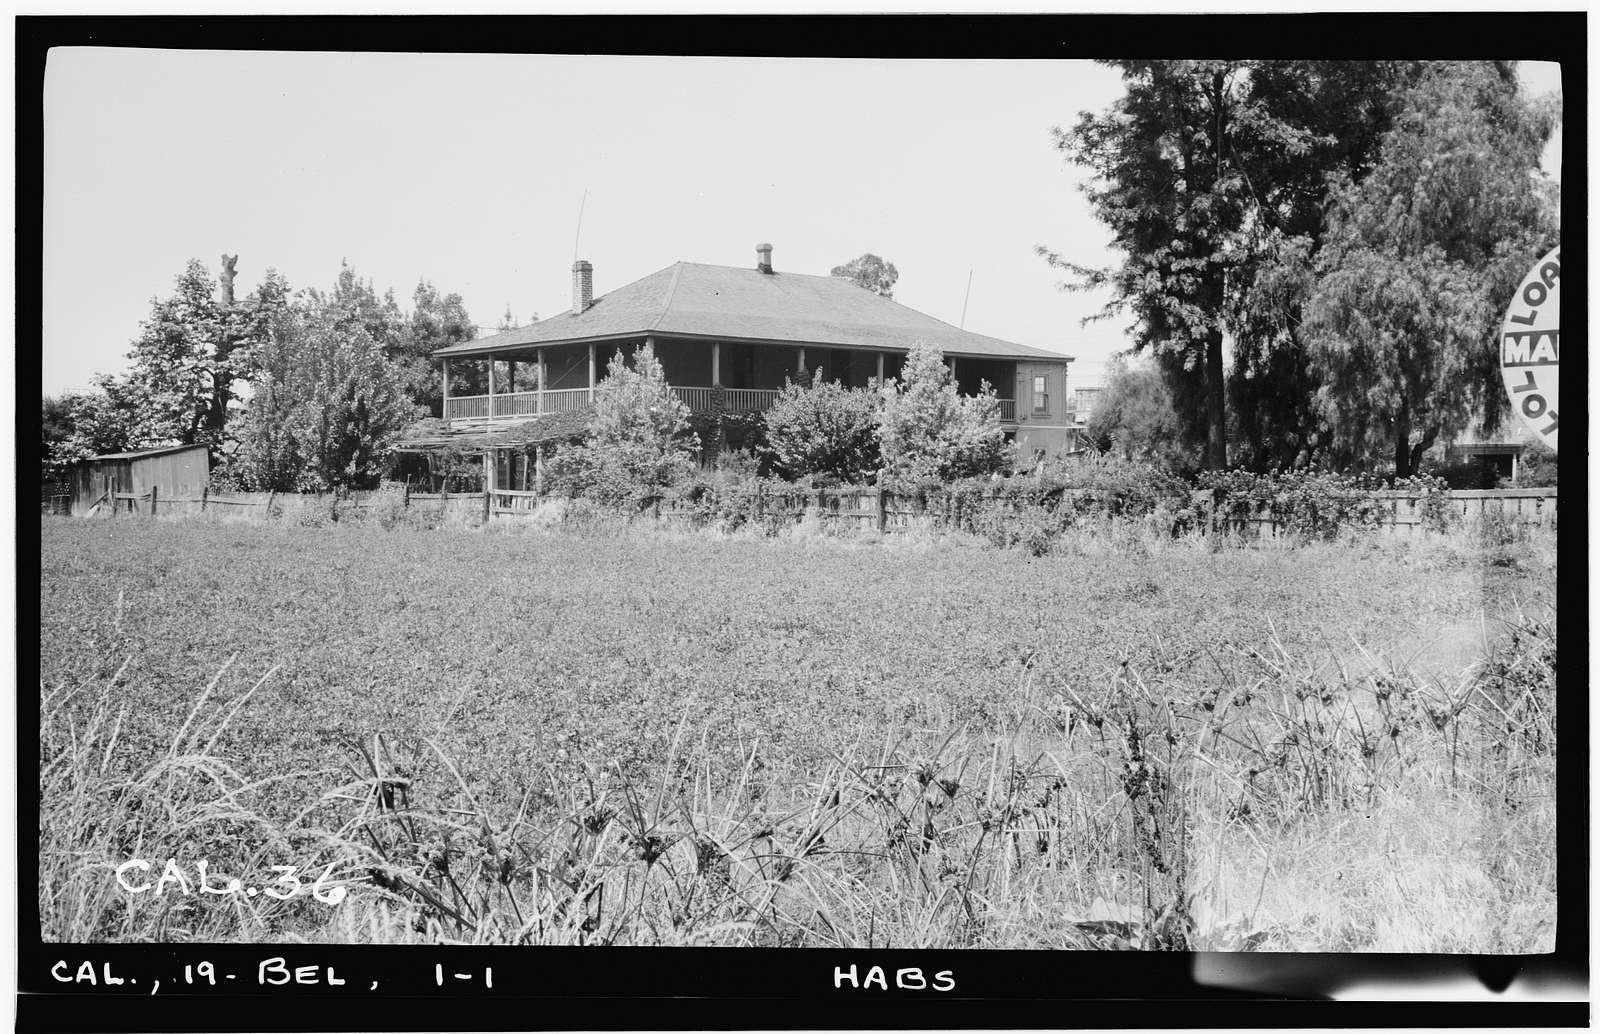 Casa del Rancho San Antonio, 6360 East Gage, Bell, Los Angeles County, CA